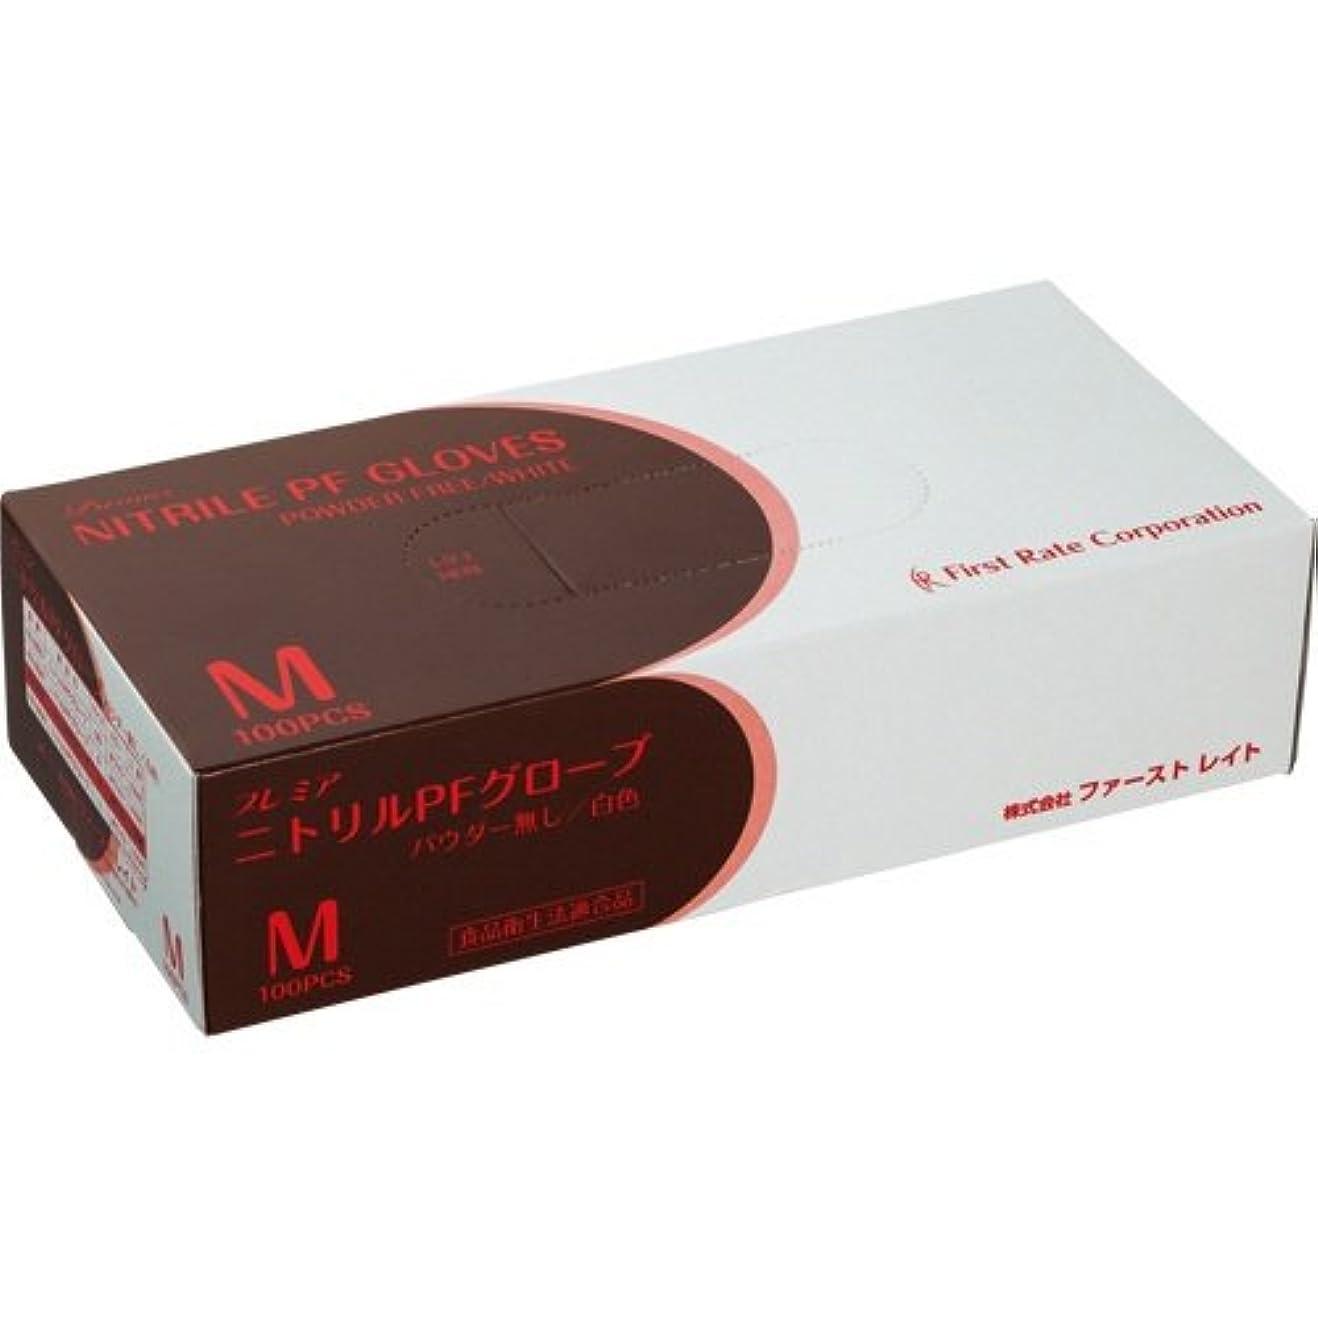 はげ直立システムファーストレイト プレミアニトリルPFグローブ パウダーフリー ホワイト M FR-857 1セット(1000枚:100枚×10箱)